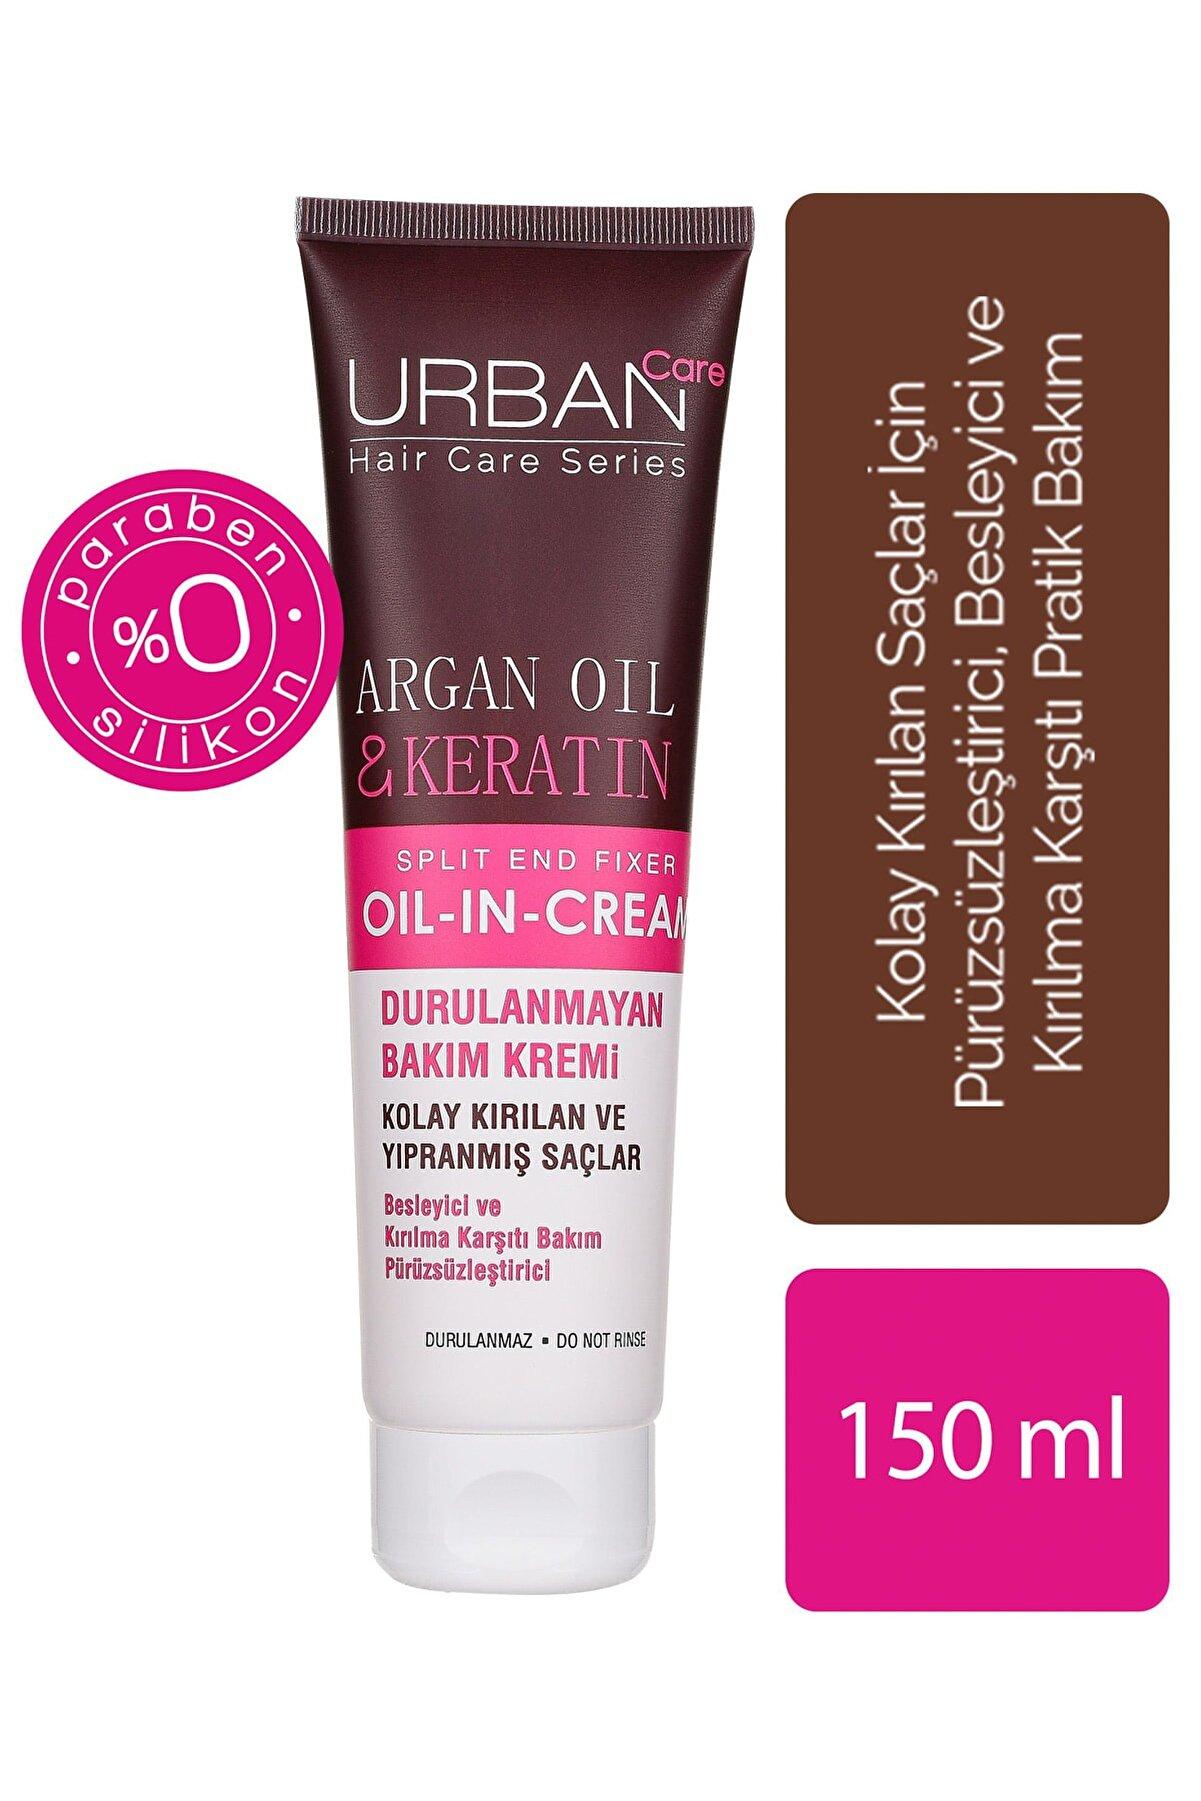 Urban Care Argan Yağı&Keratin İçeren, Besleyici& Kırılma Karşıtı Durulanmayan Saç Kremi 150 ml